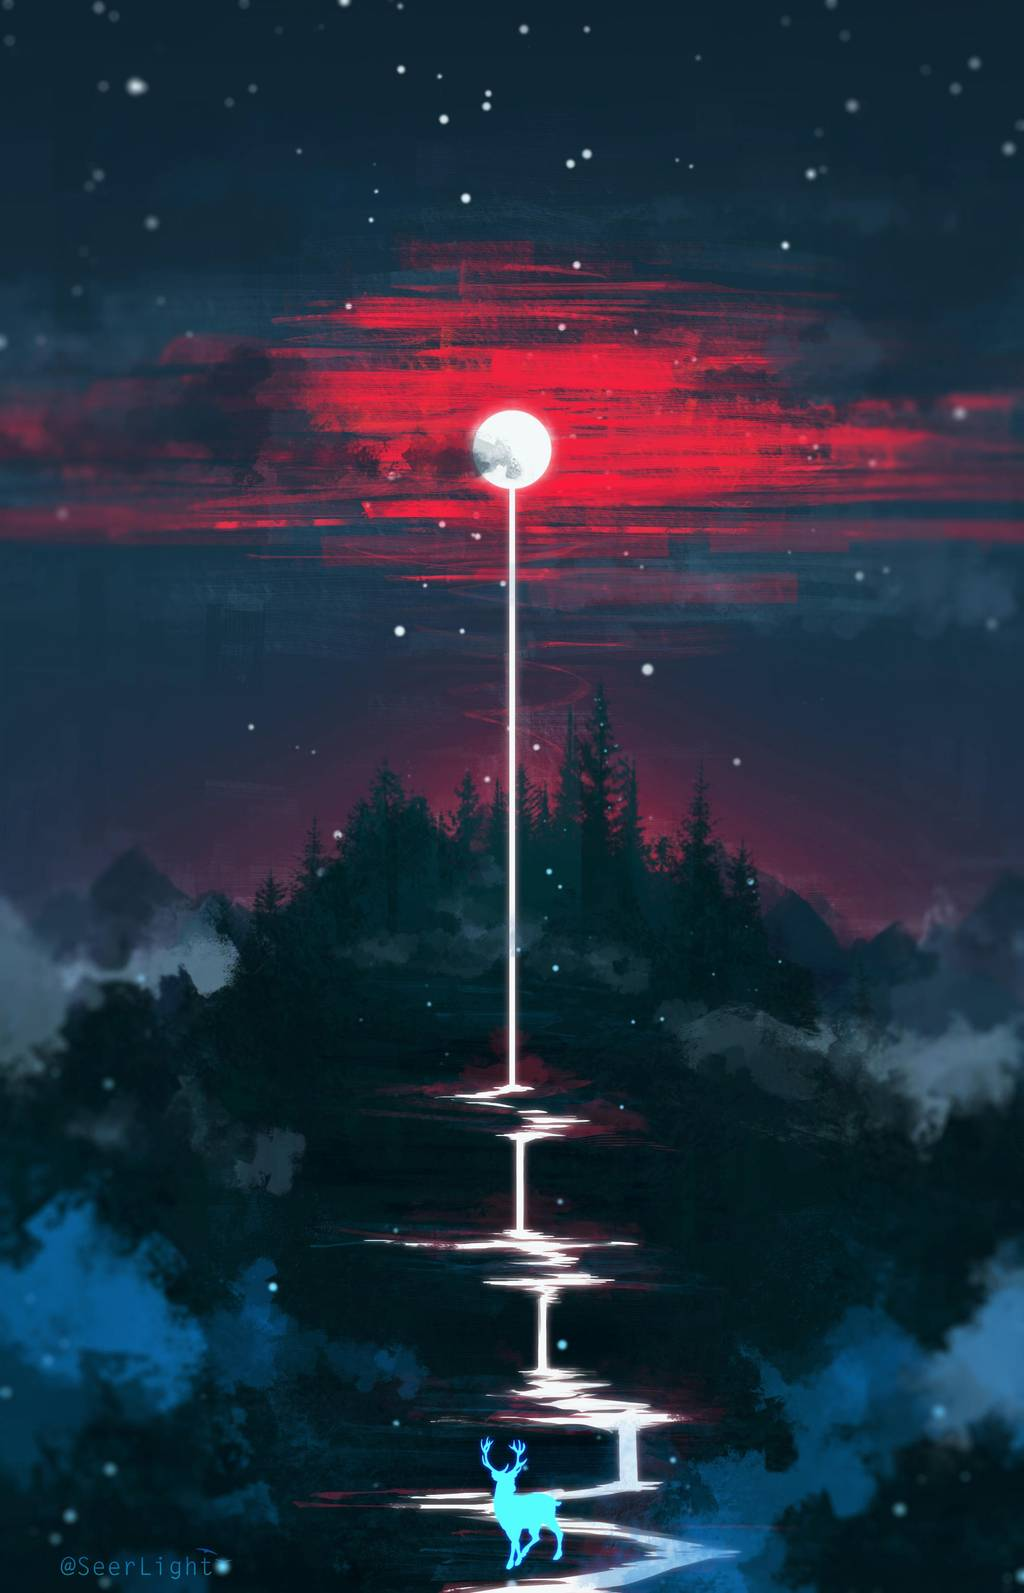 lunar-dripping-by-ronald-kuang-3drqlfsqcw.jpg